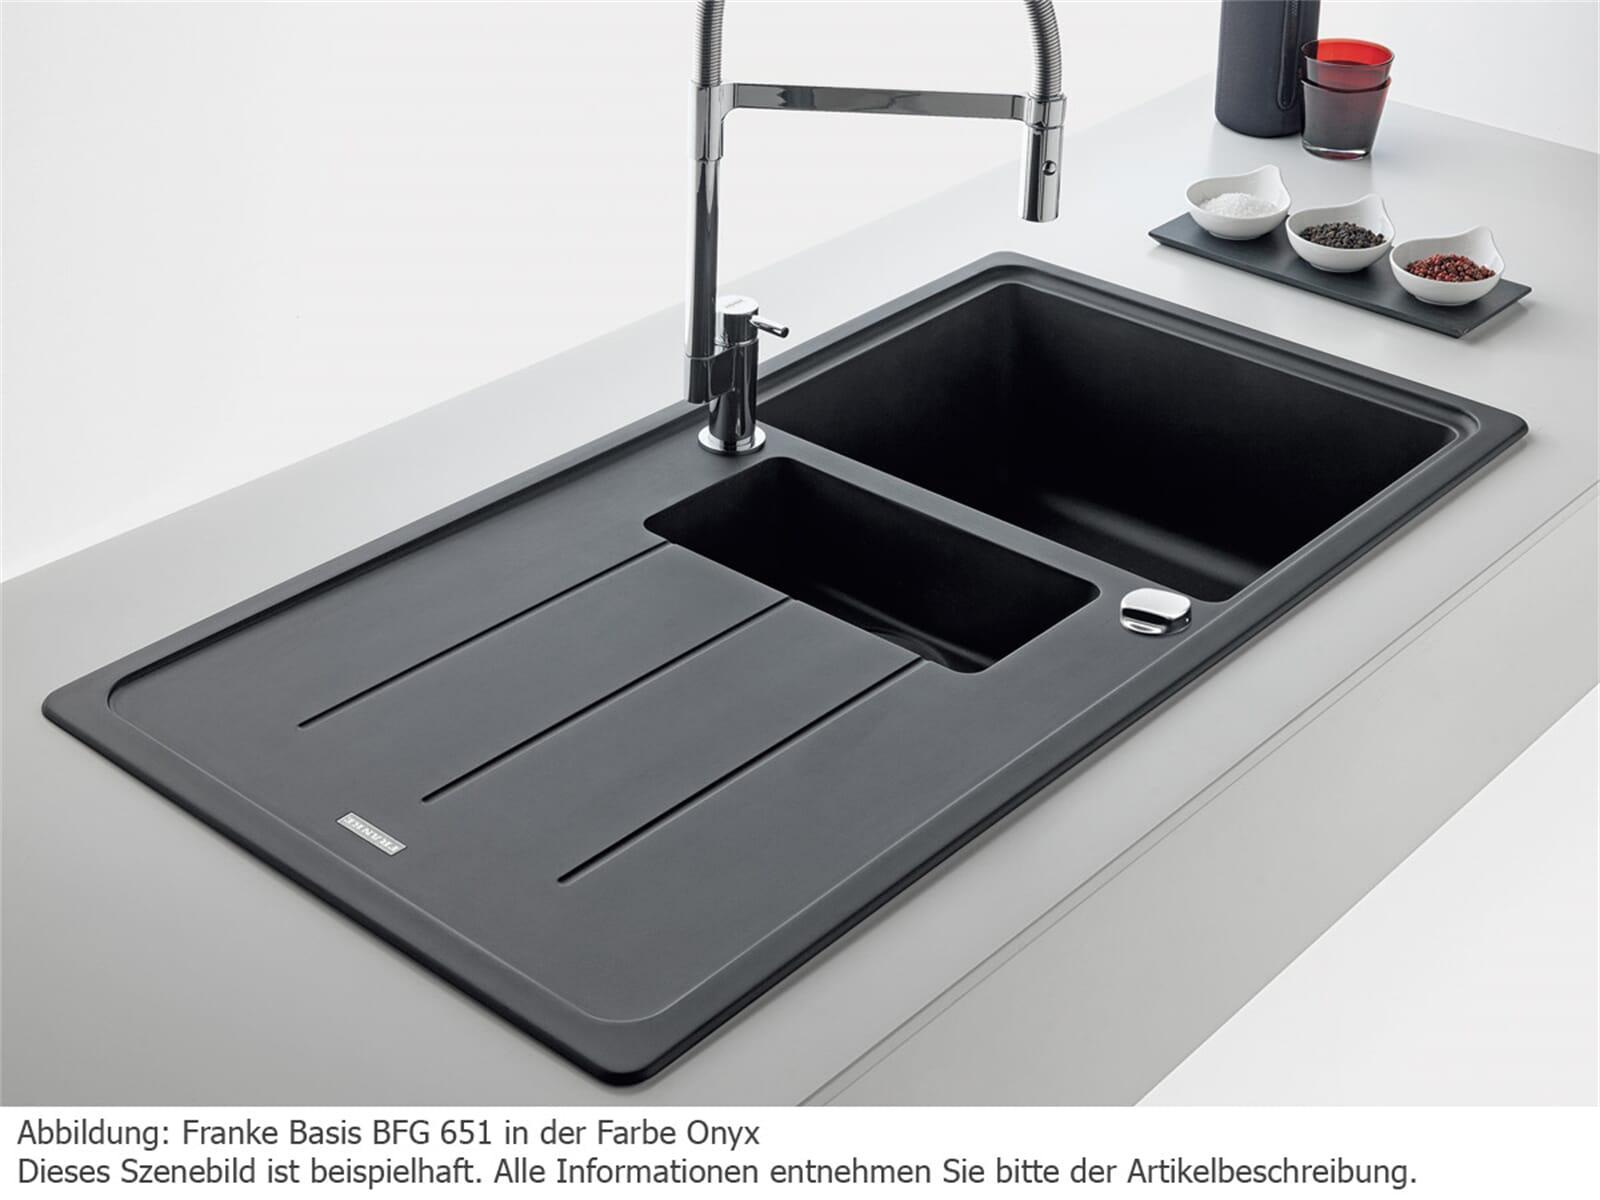 franke basis bfg 651 onyx granitsp le. Black Bedroom Furniture Sets. Home Design Ideas